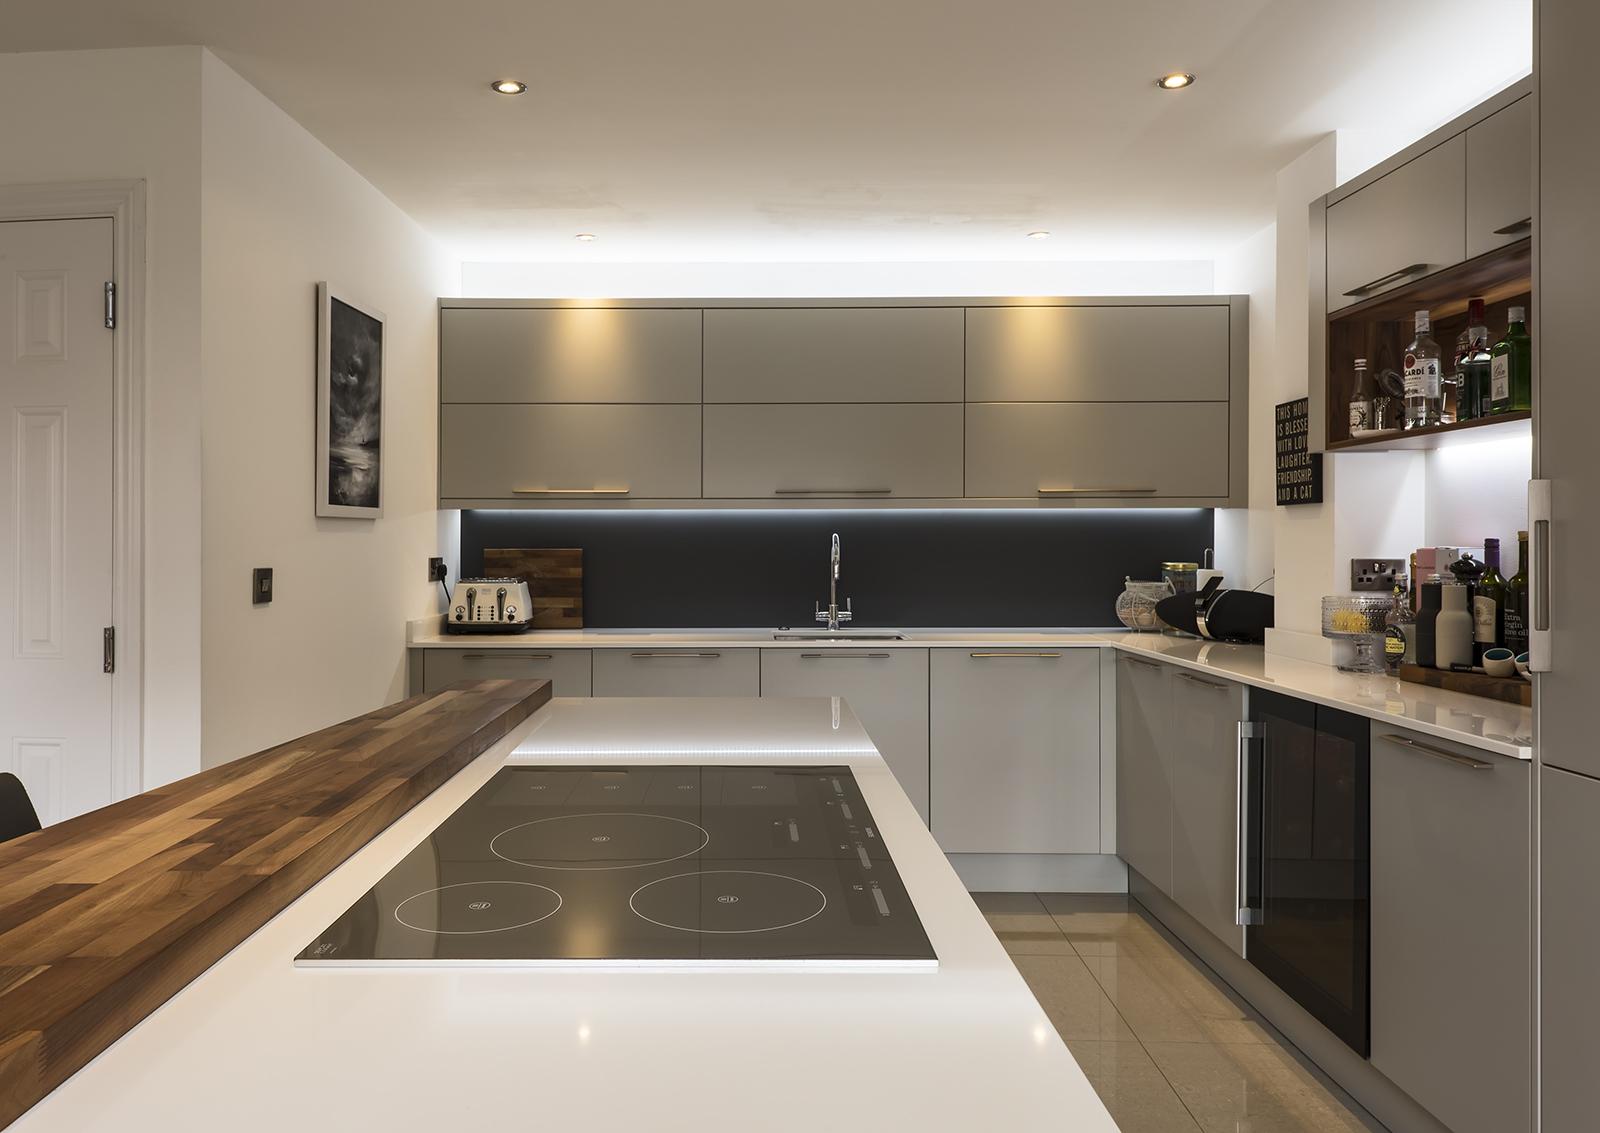 Portishead Zola Matte Light Grey Kitchen Oven